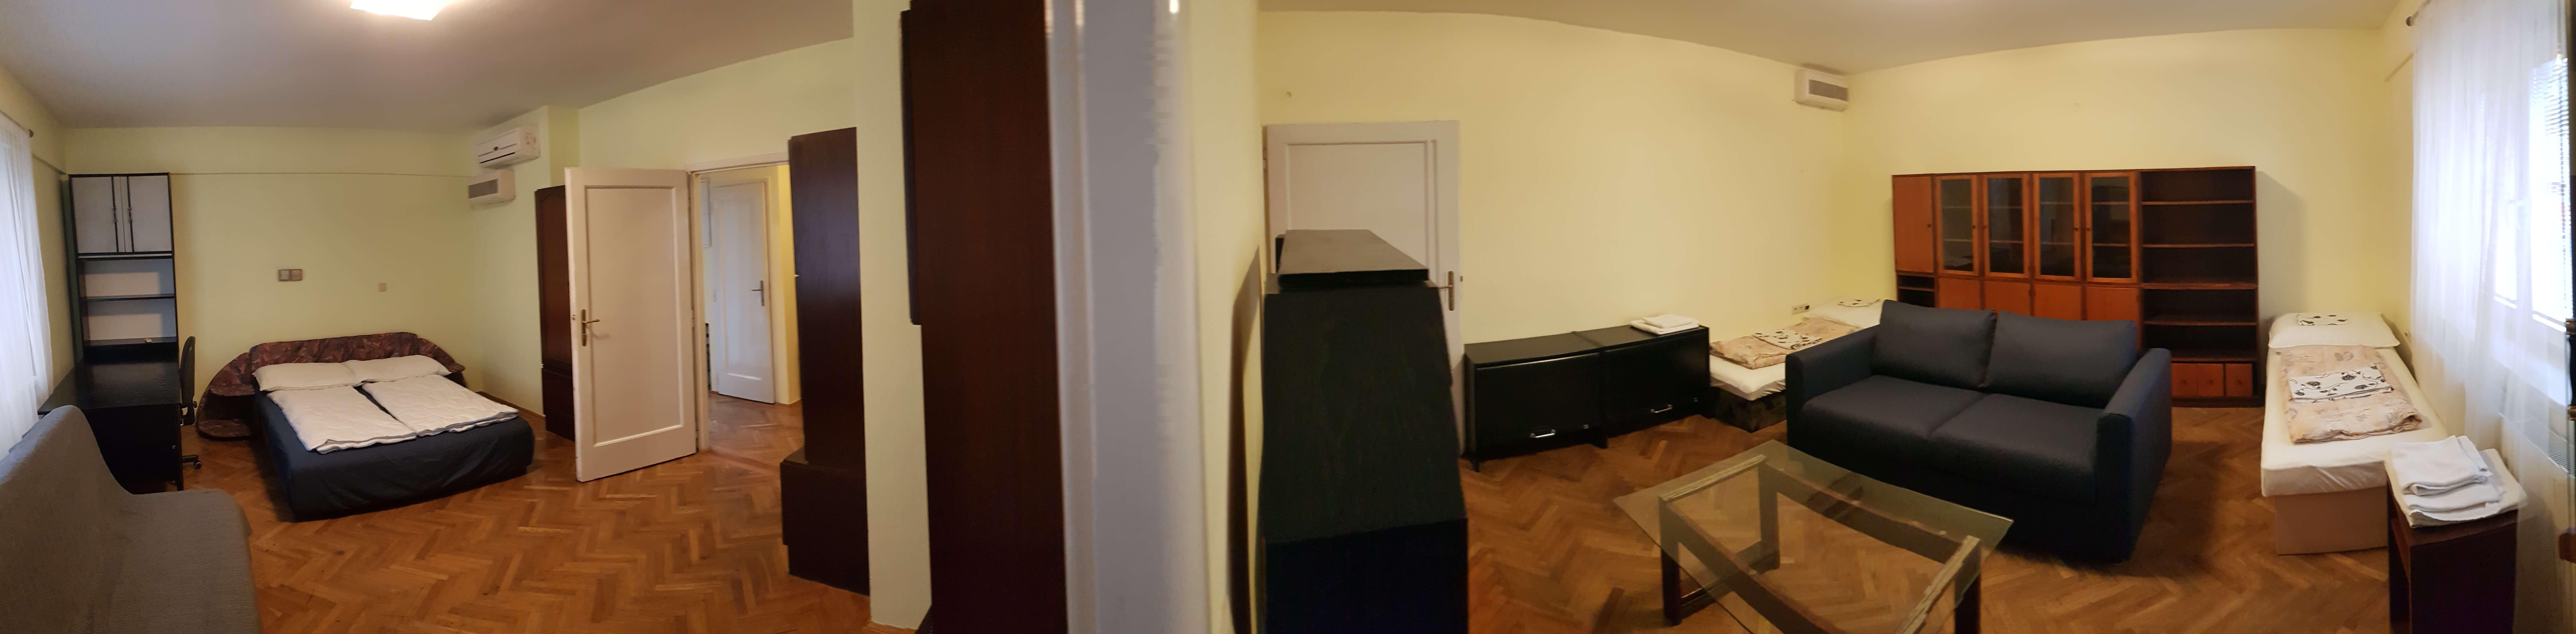 Prenájom jednej izby v 2 izb. byte, staré mesto, Šancová ulica, Bratislava, 80m2, zariadený-11